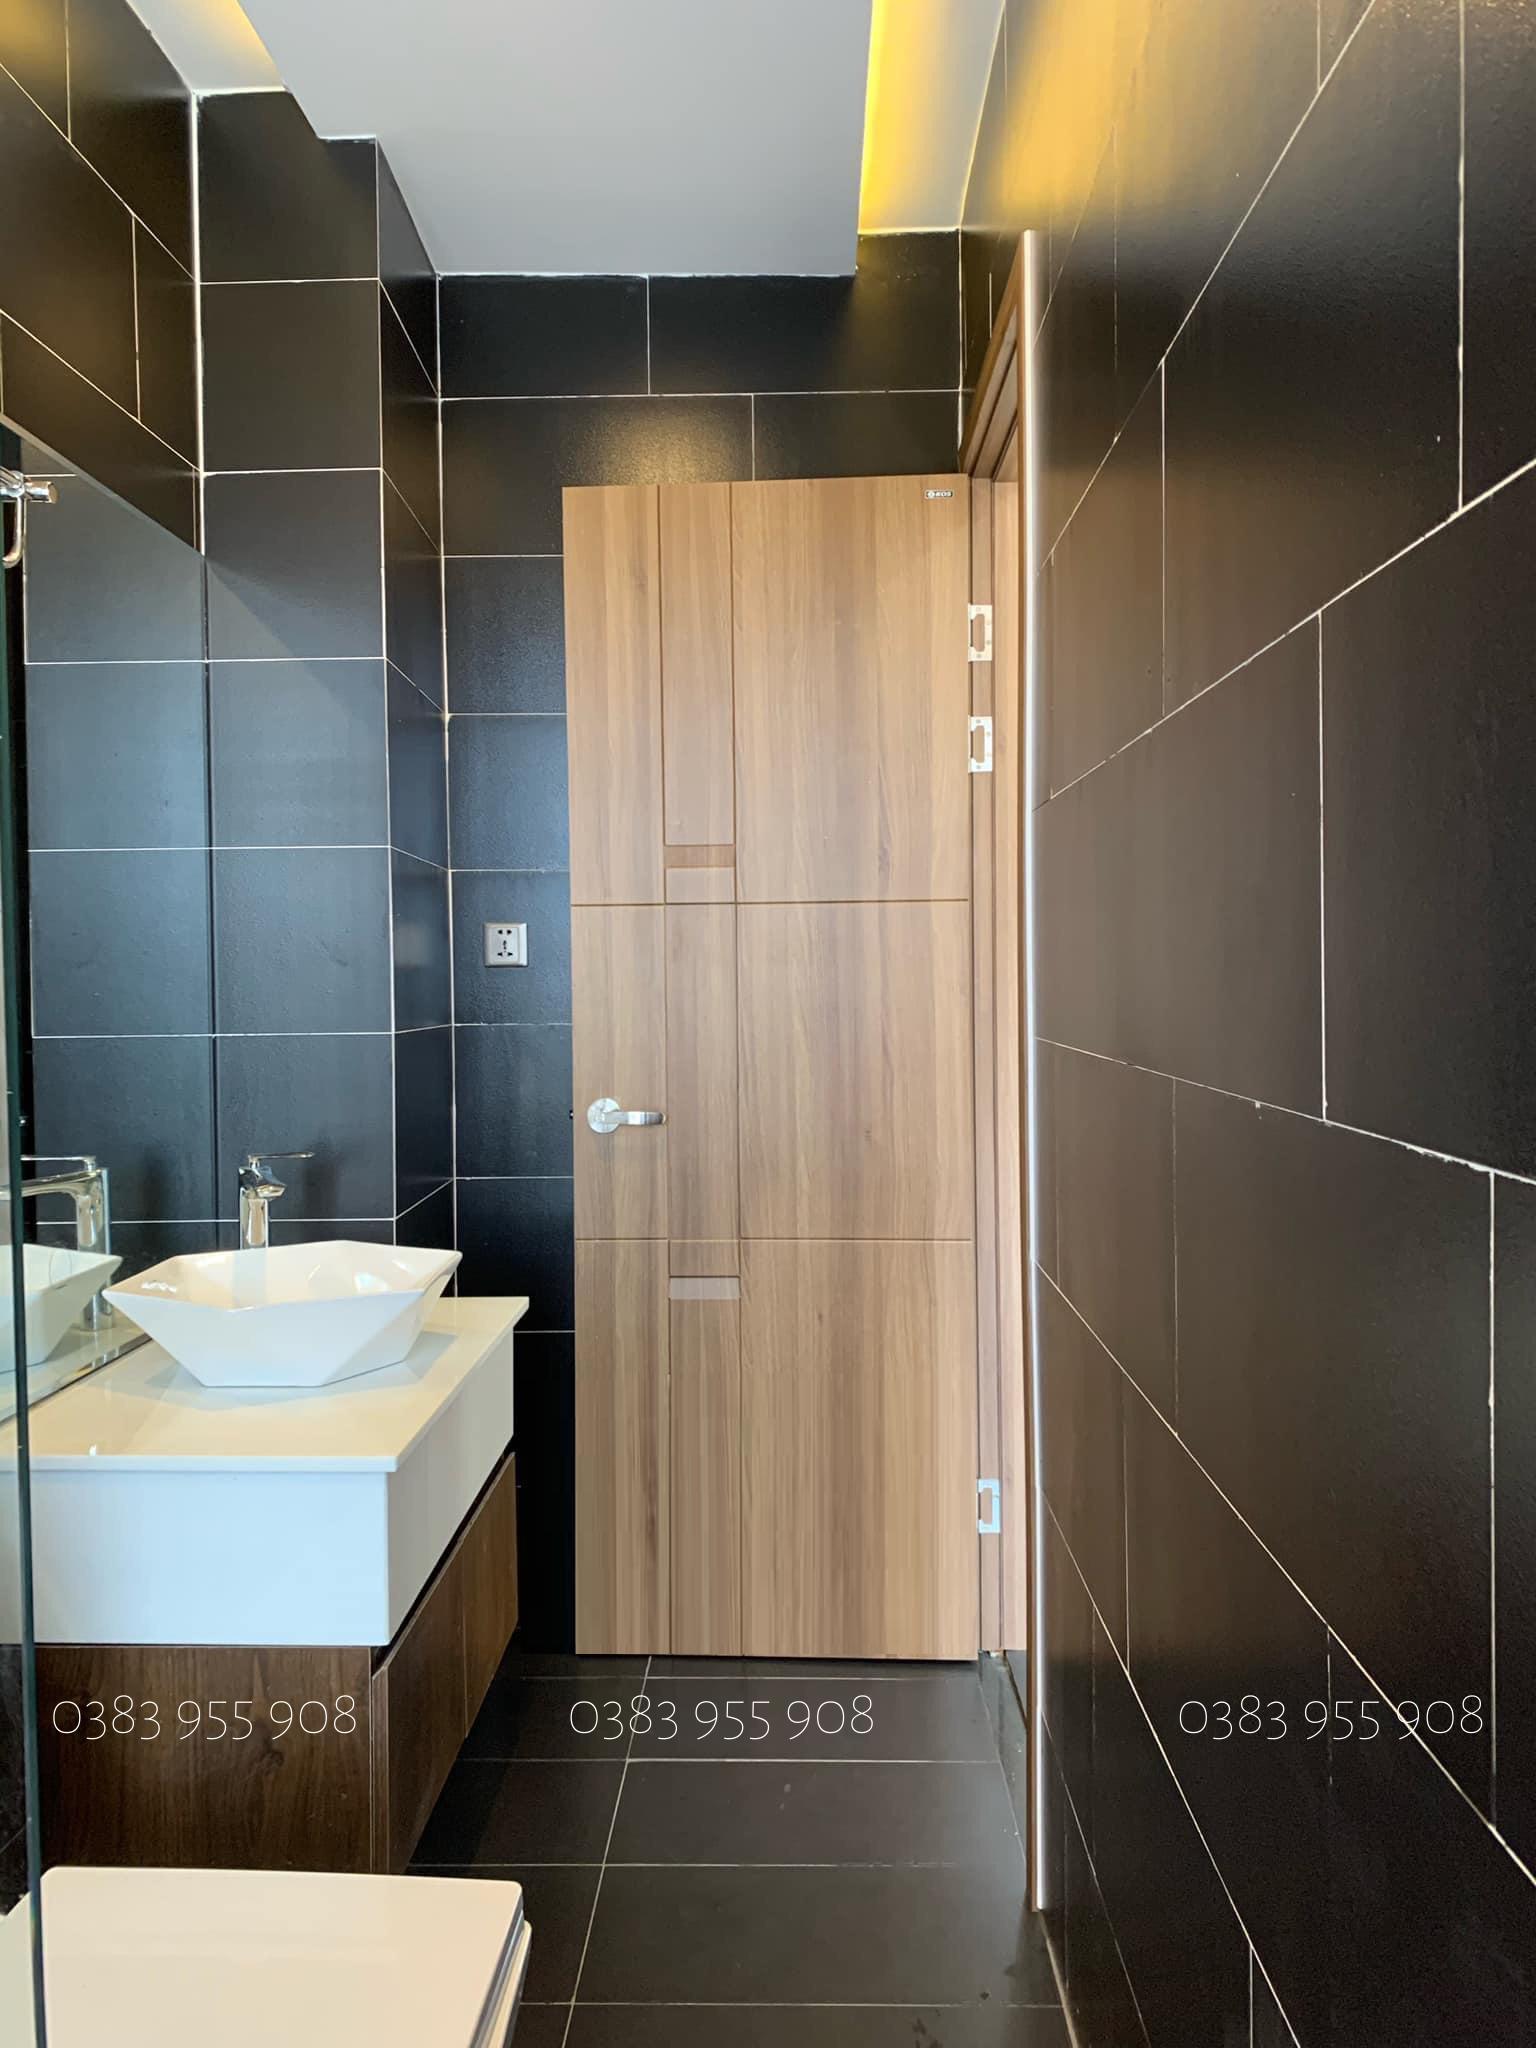 Cửa nhựa ABS Hàn Quốc phù hợp với tất cả vị trí từ cửa nhà vệ sinh, cửa phòng ngủ,...